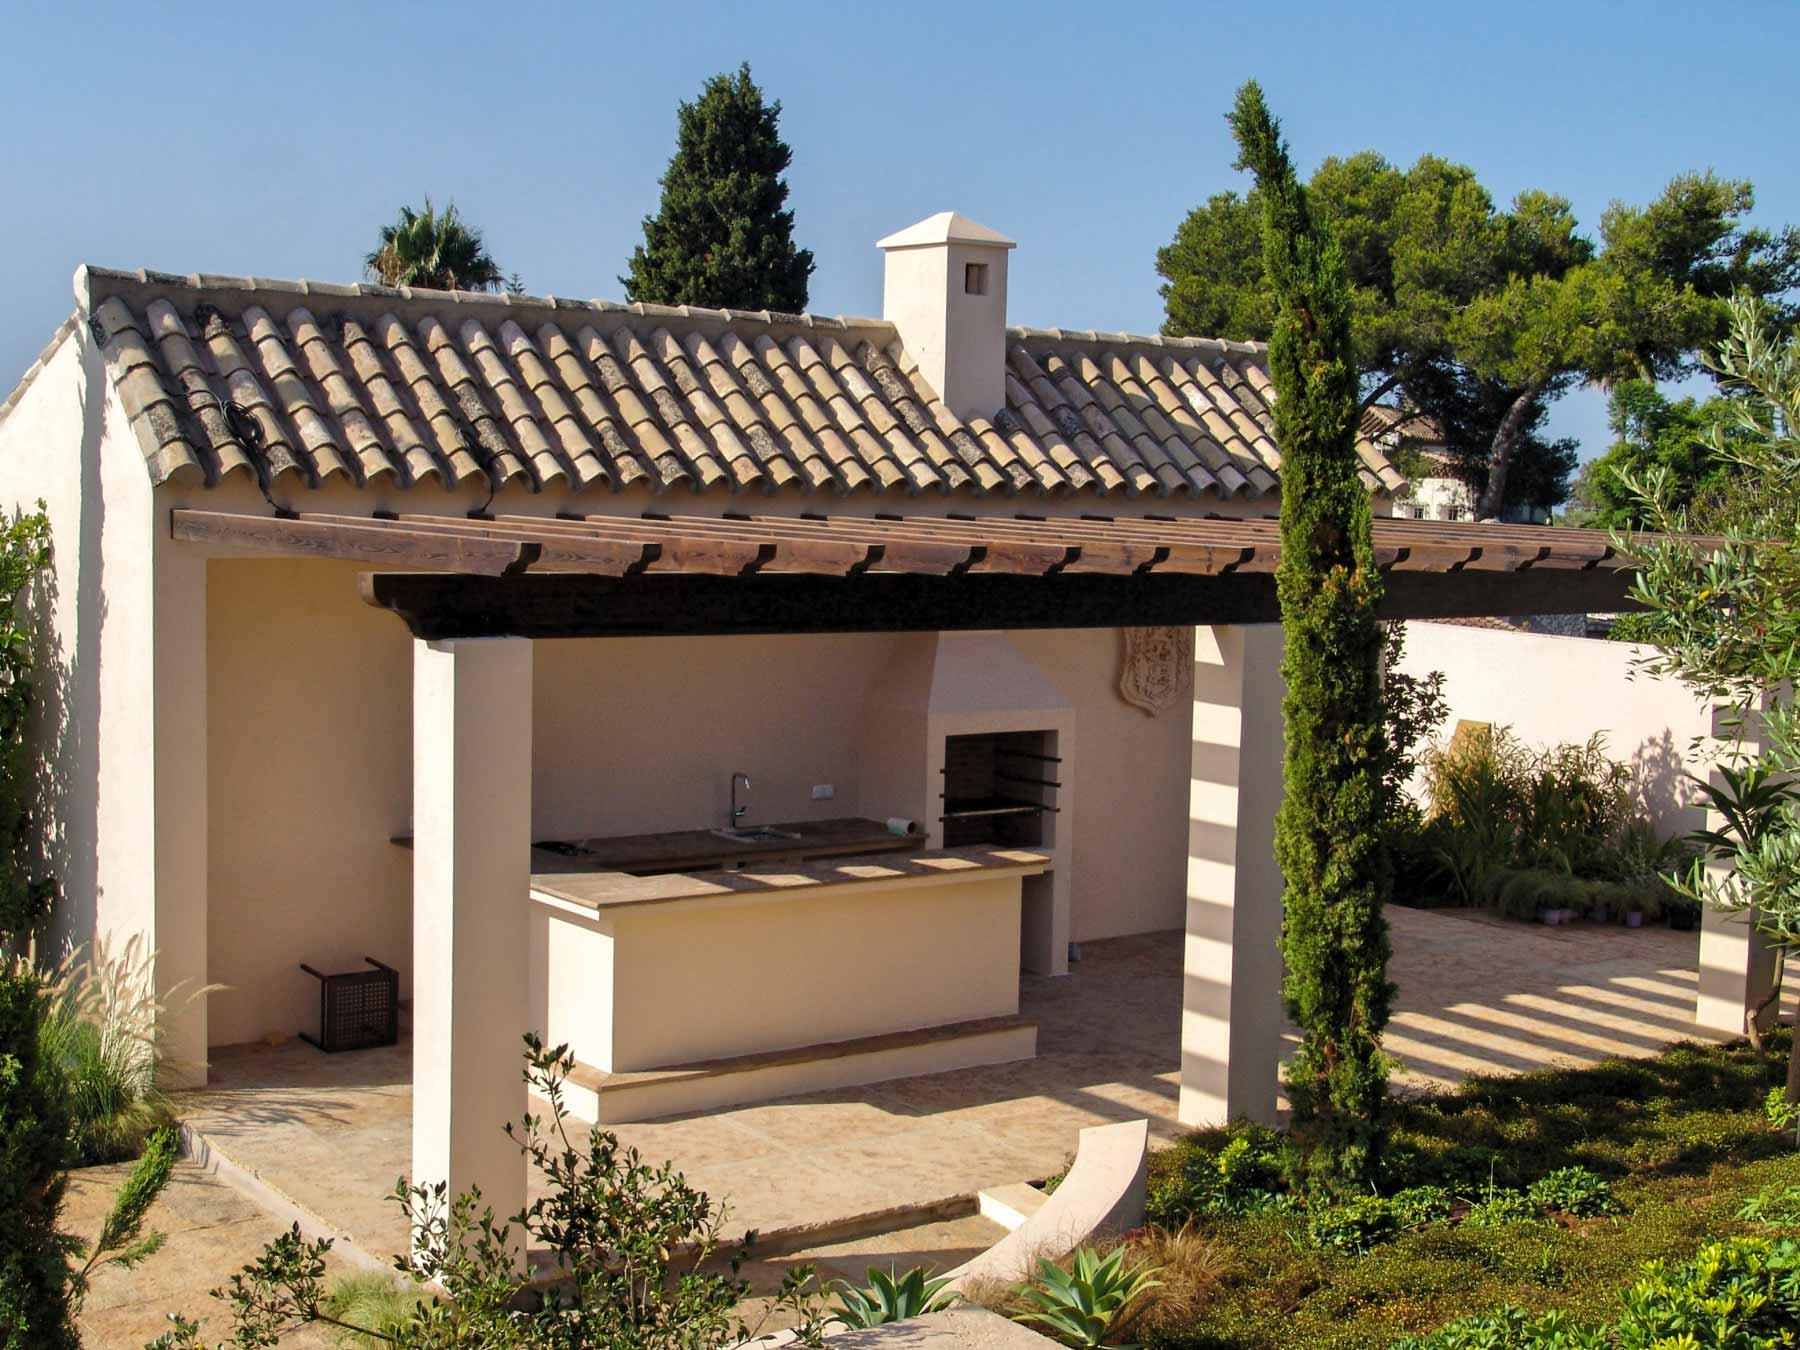 Villa mediterránea exterior estructura de madera